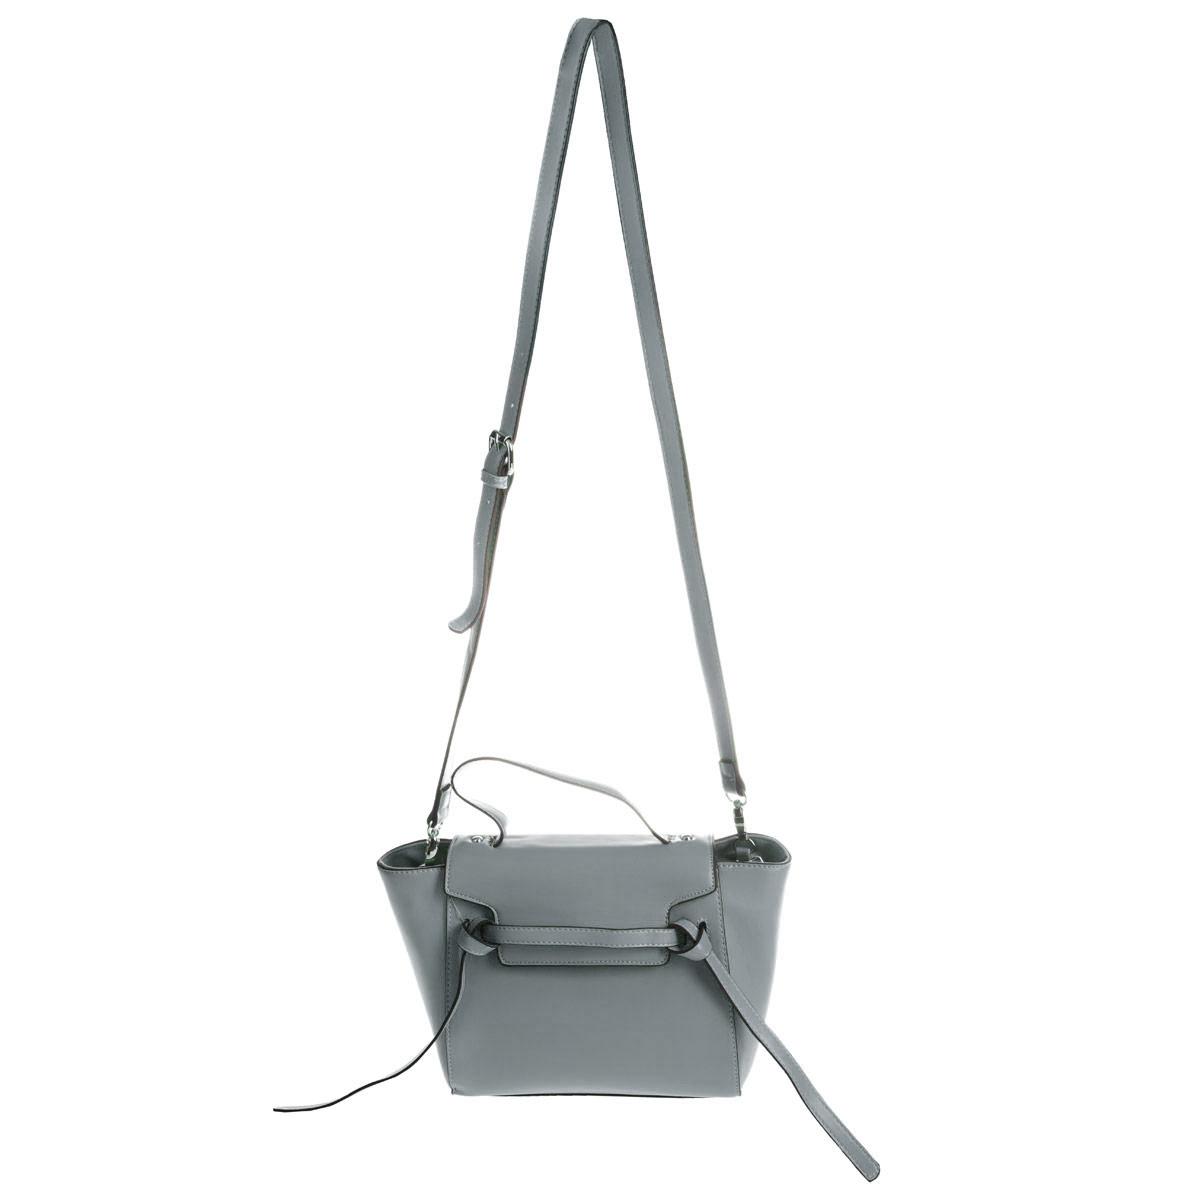 Сумка женская Dispacci, цвет: серый. 3153231532Стильная сумка Dispacci выполнена из экокожи и декорирована фактурным тиснением. Закрывается модель на застежку-молнию и дополнительно клапаном на магнитную кнопку. Внутри - большое отделение, также имеется не большой втачной карманчик на застежке-молнии, два накладных кармашка для мелочей и телефона. Внешняя задняя сторона оформлена втачным карманом на застежке-молнии. Сумка дополнена небольшой ручкой, а также съемным плечевым ремнем. Дно дополнено металлическими ножками, защищающими изделие от повреждений. Изделие упаковано в фирменный чехол. И пусть в новую сумочку помещаются все положительные эмоции, которыми обязательно наполнится Ваша жизнь!